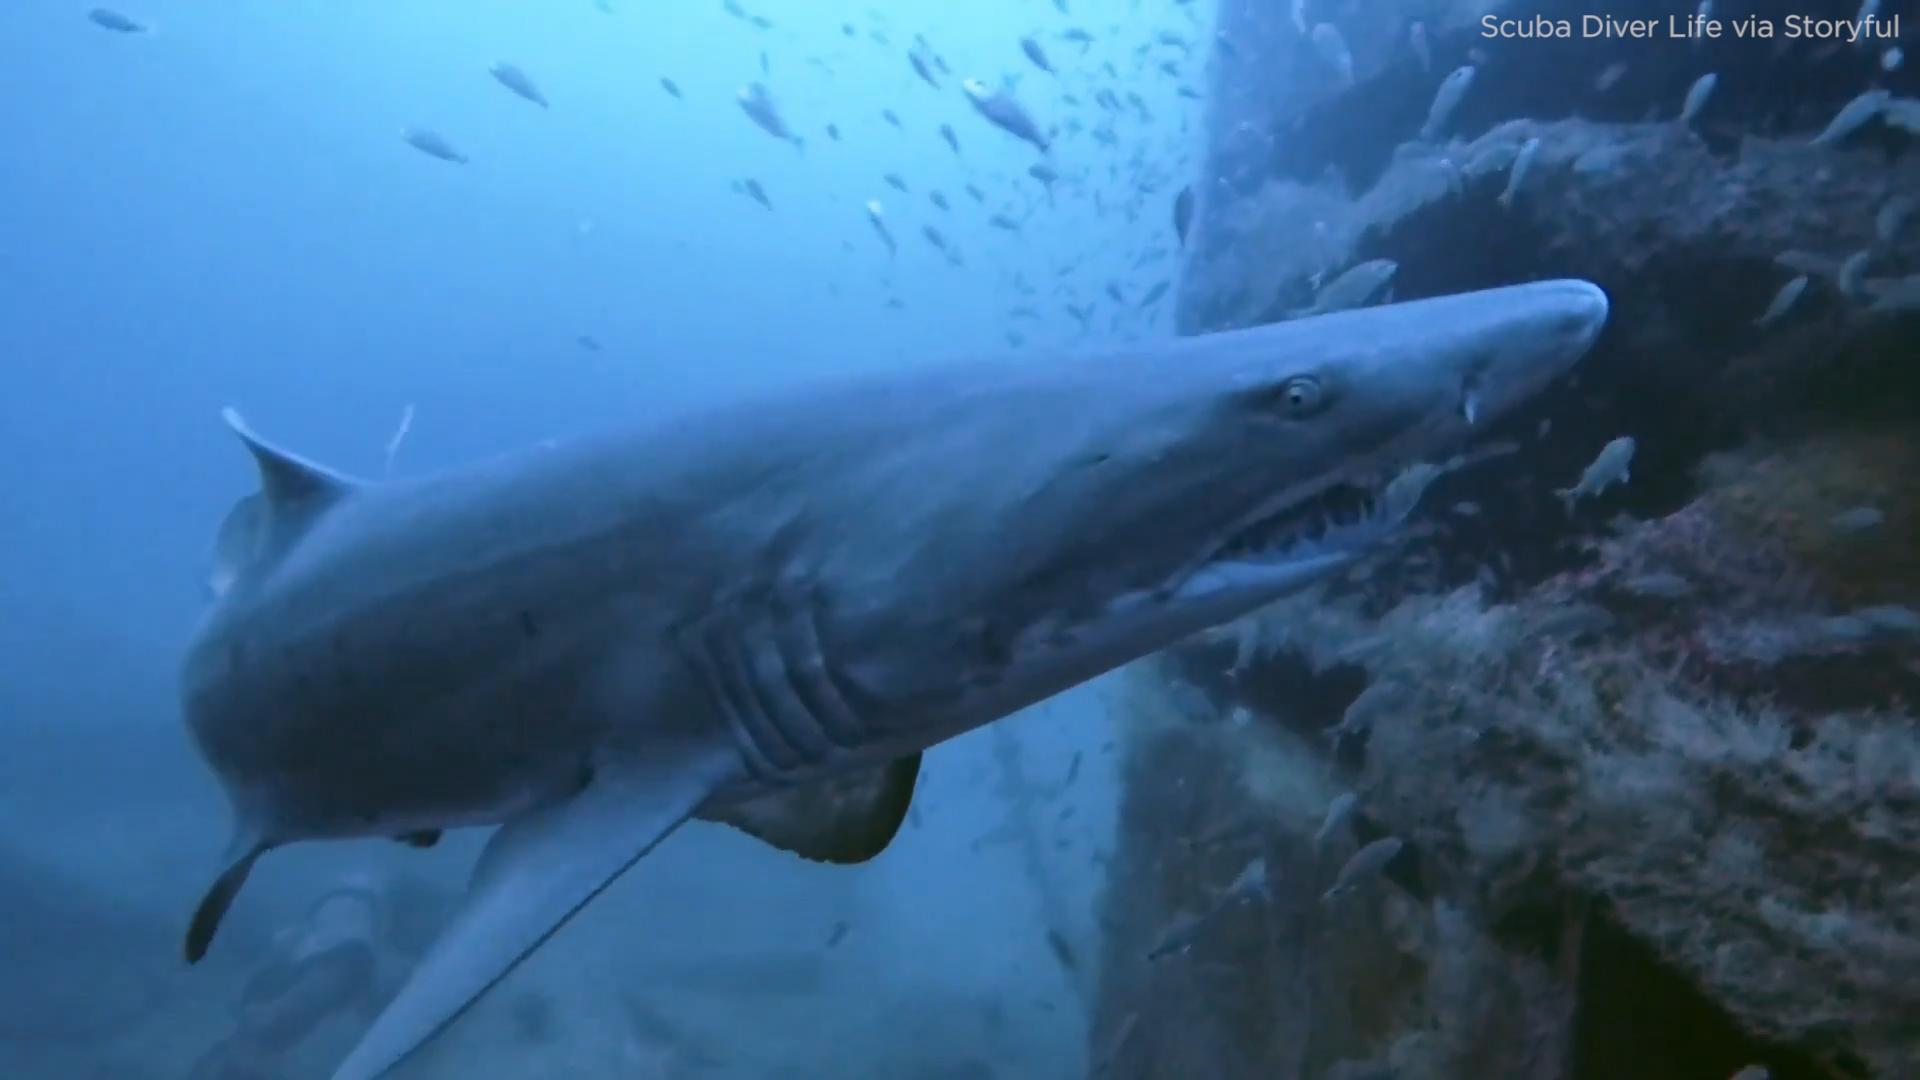 watch curious shark sneaks